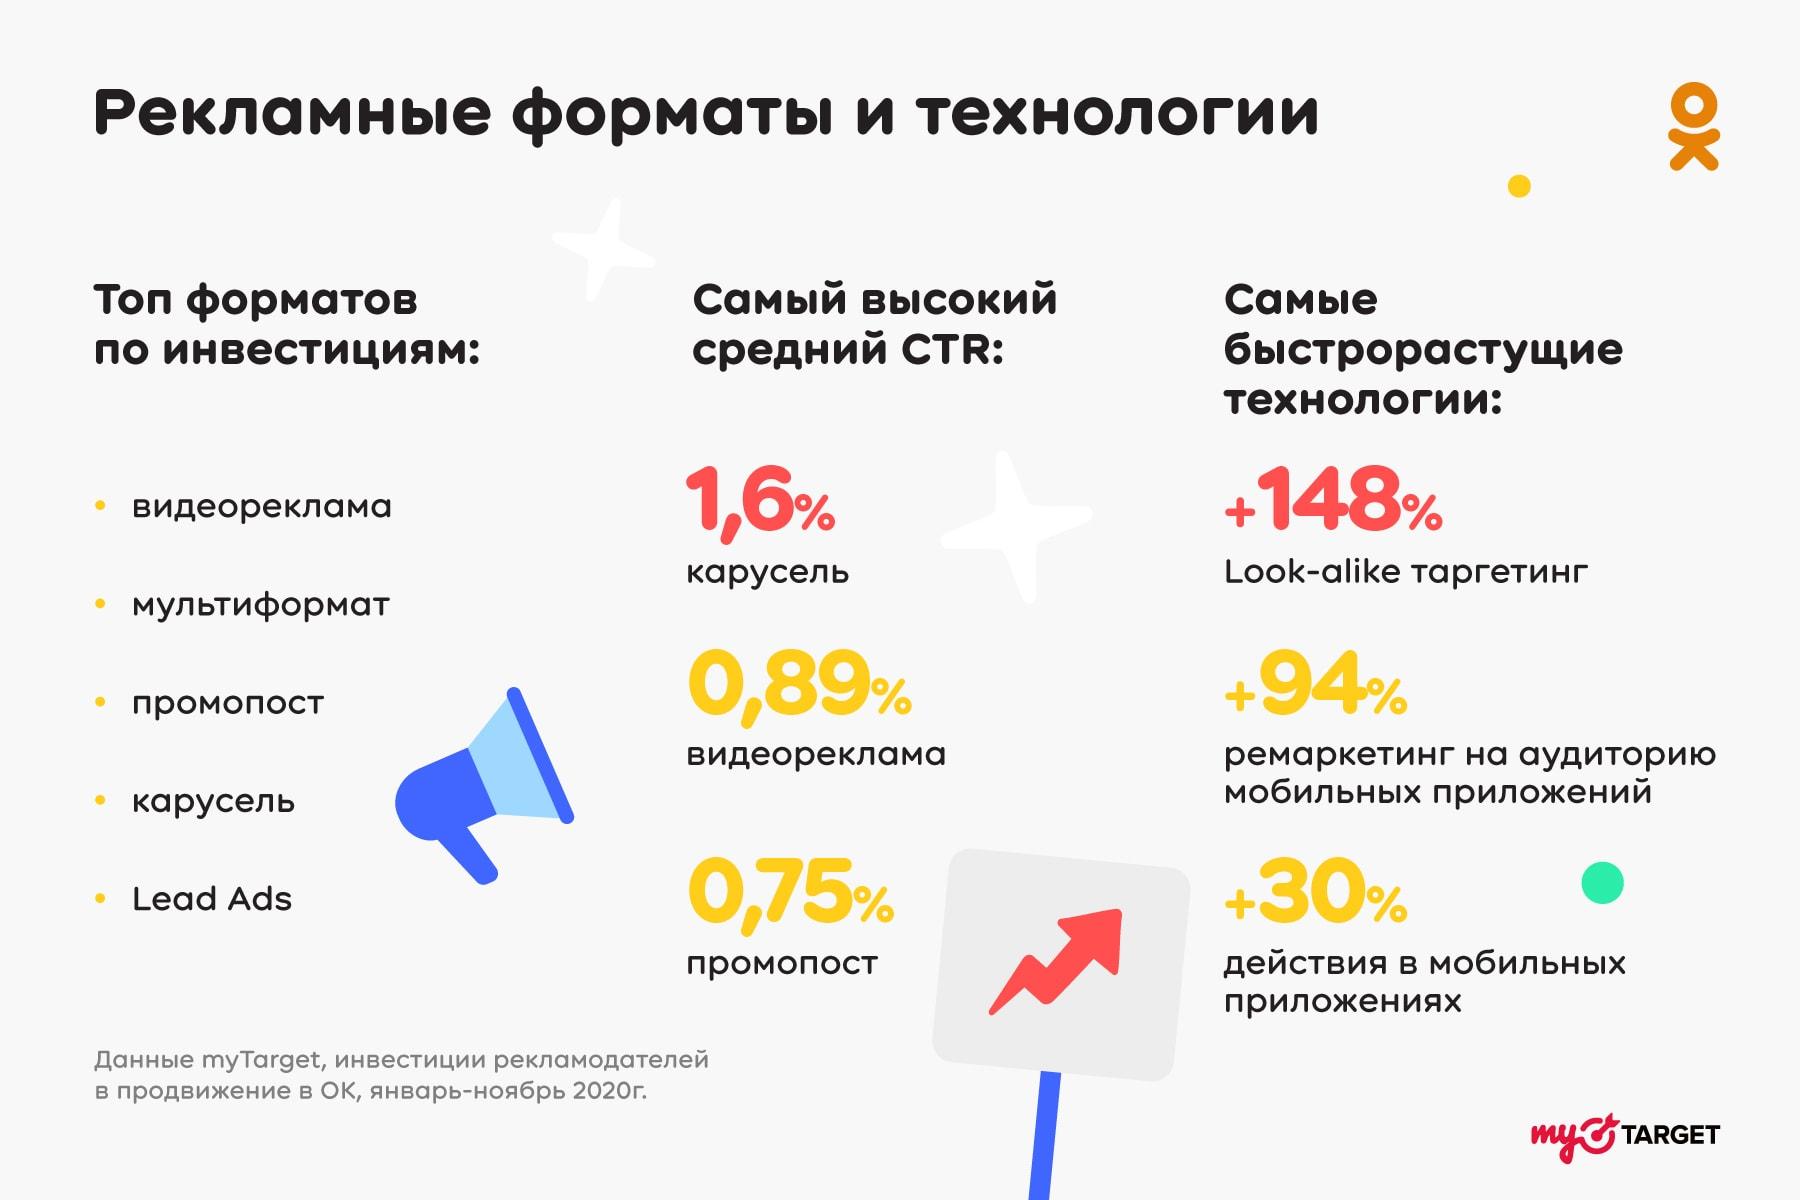 Кто и сколько вкладывает в продвижение в Одноклассниках - исследование